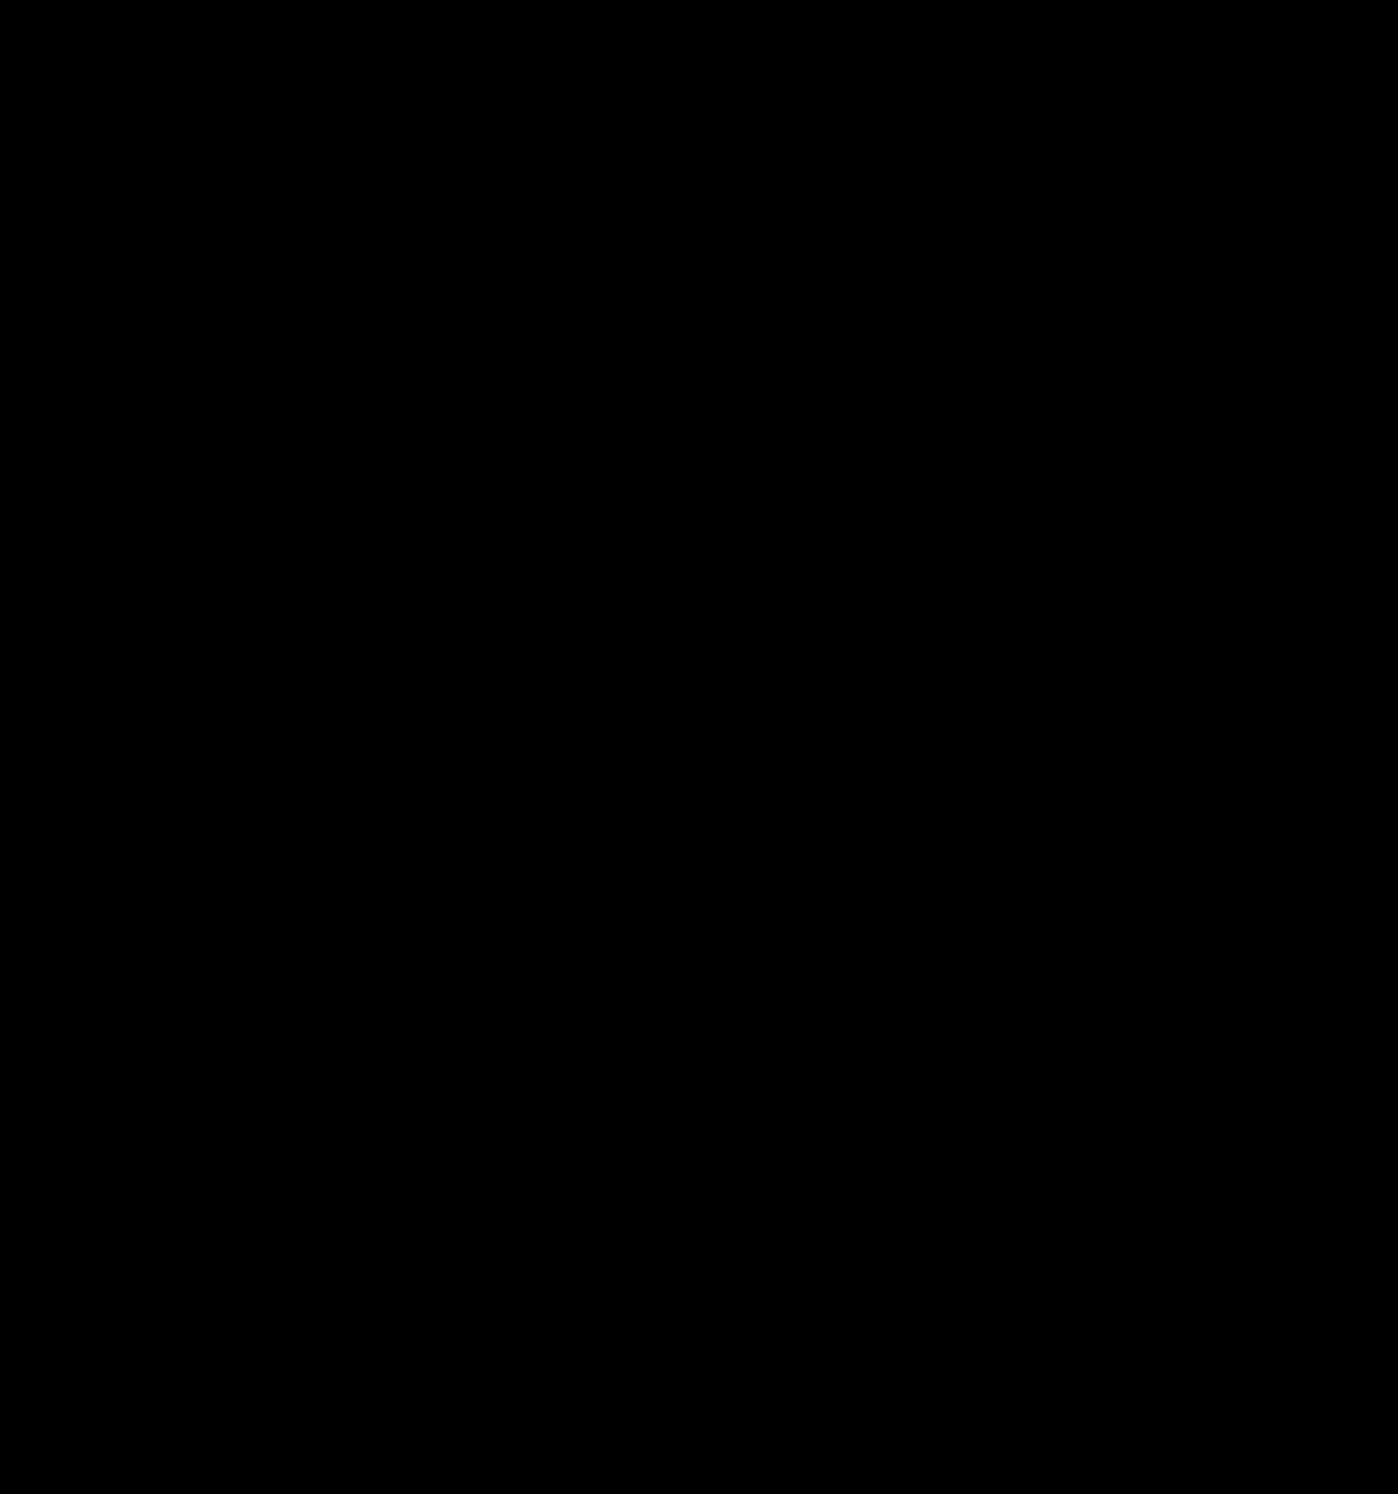 Hình ảnh Doremon đen trắng